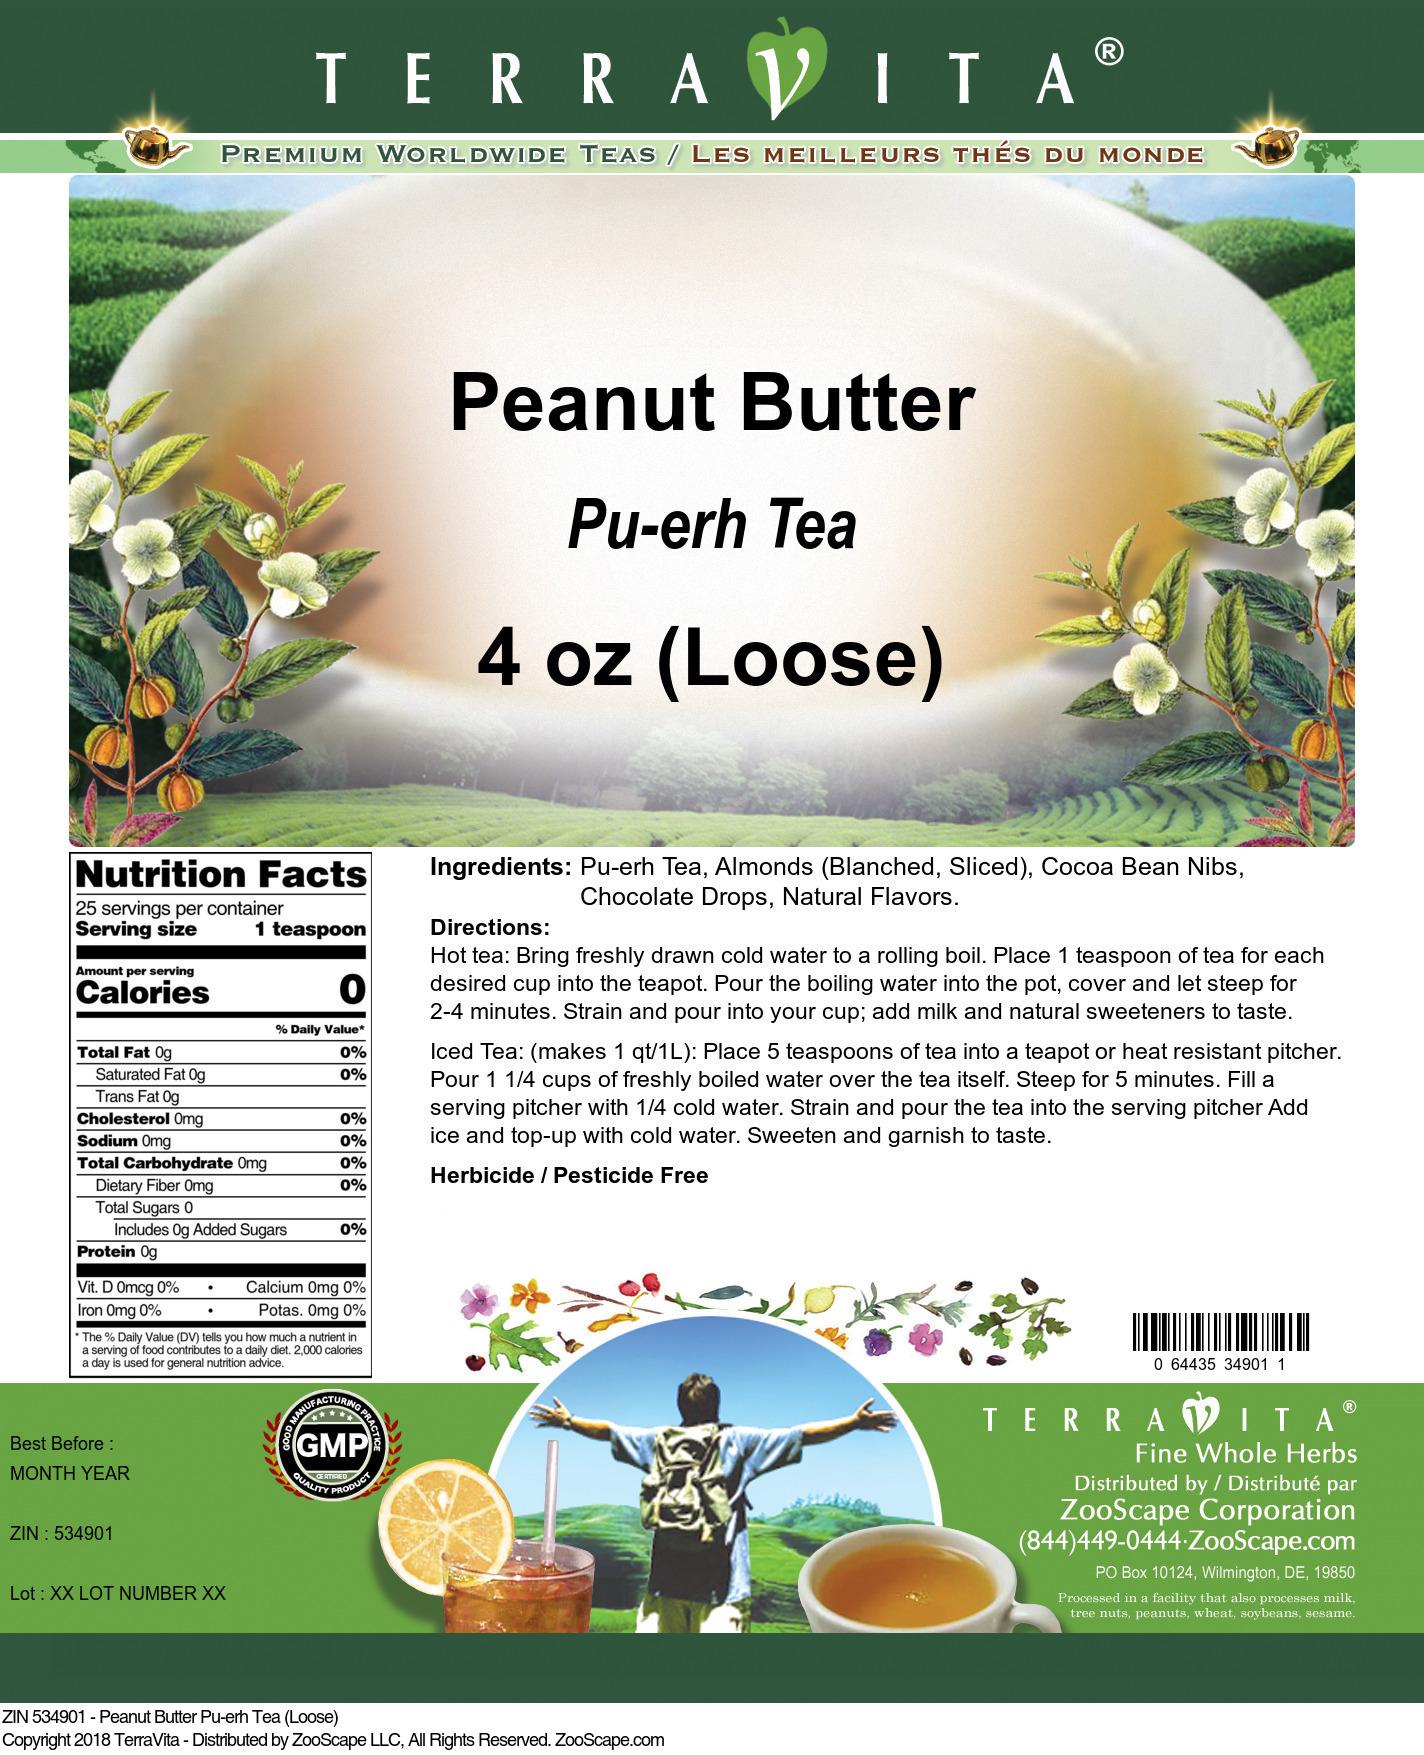 Peanut Butter Pu-erh Tea (Loose)